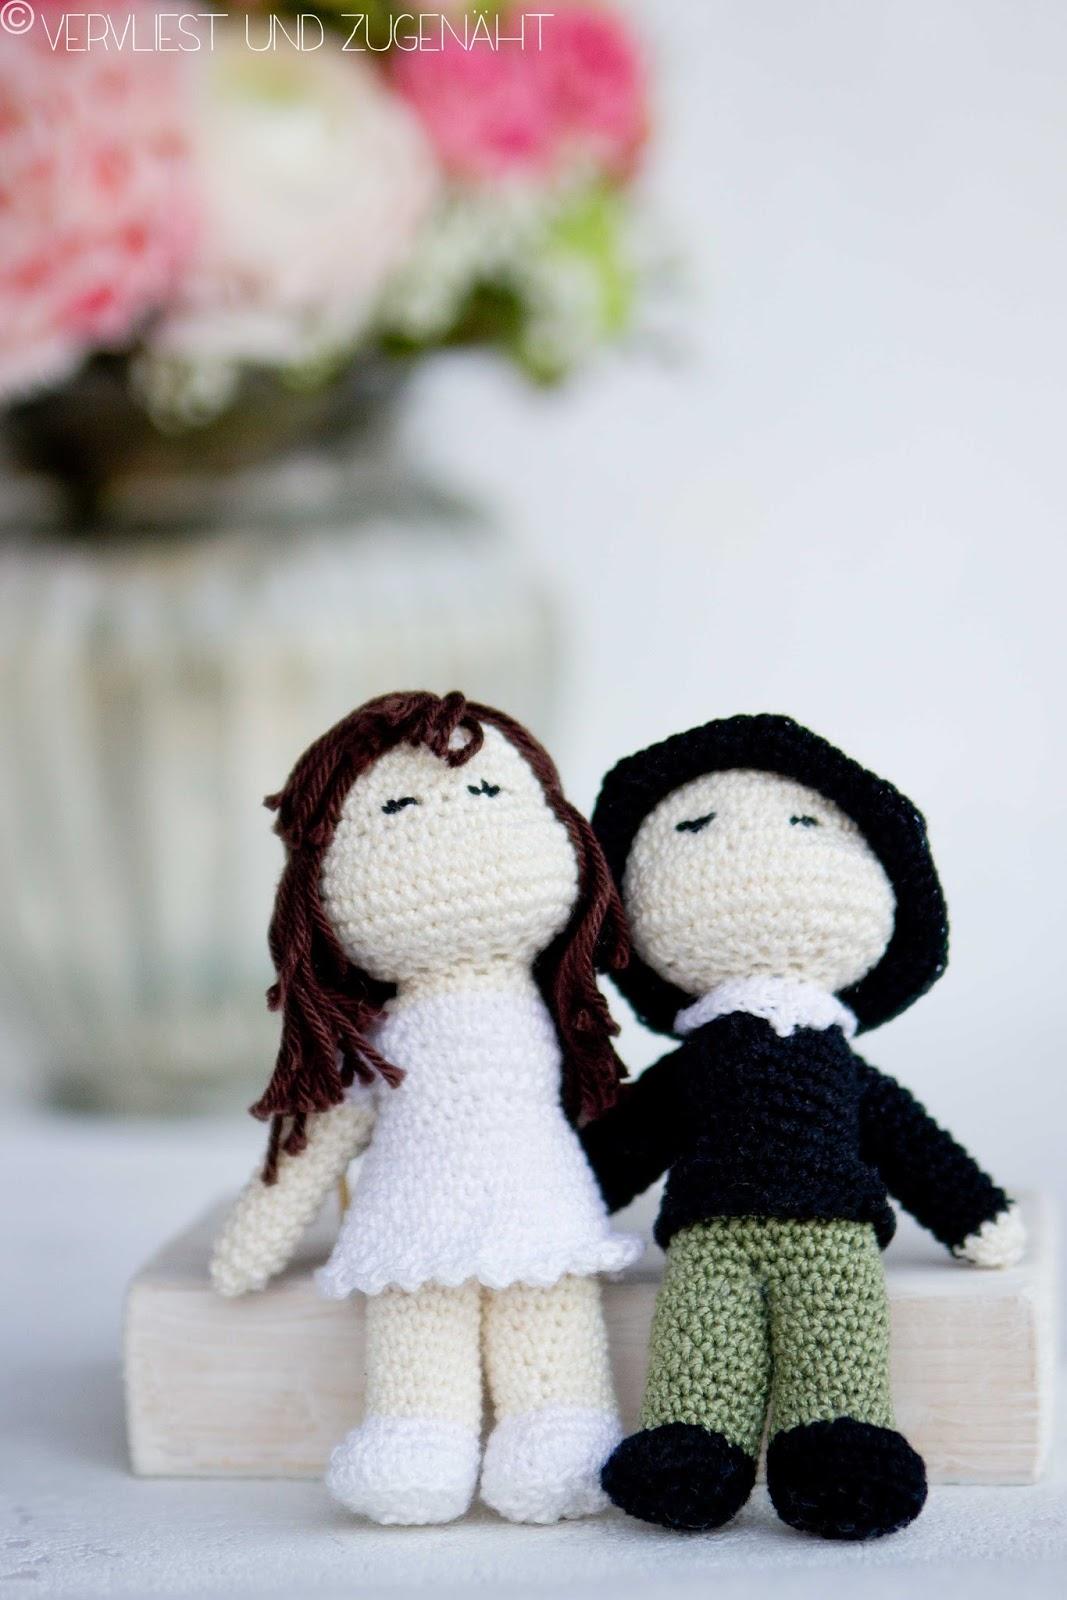 Vervliest Und Zugenäht Amigurumi Brautpaar Und Neuigkeiten